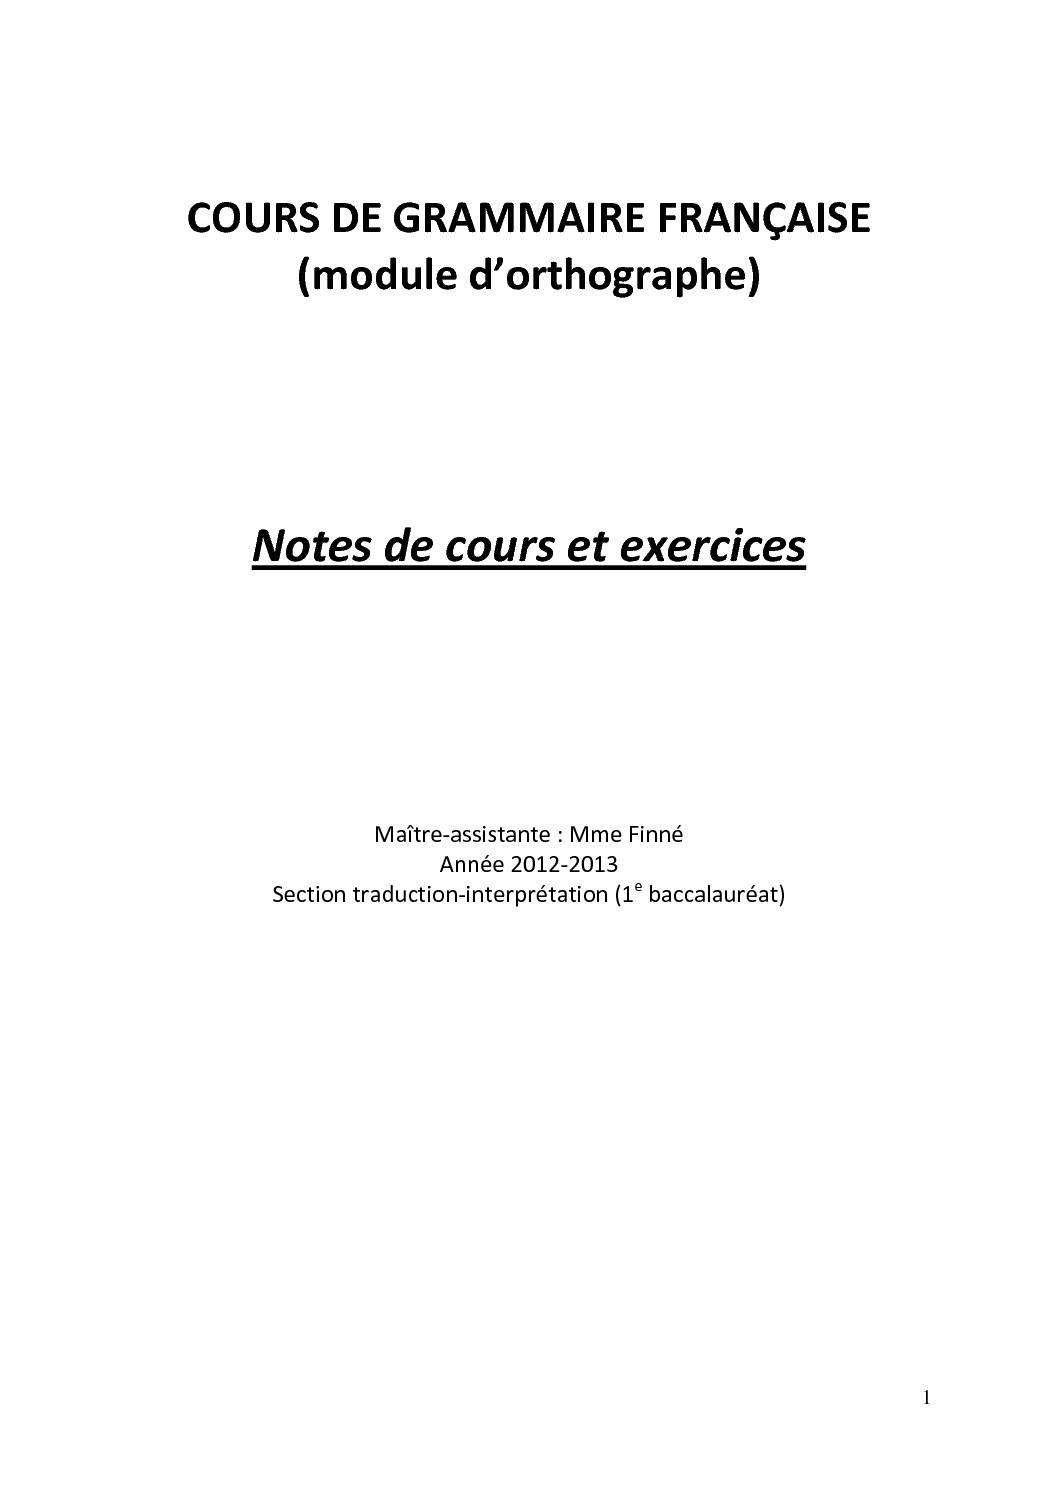 Notes de cours et exercices grammaire